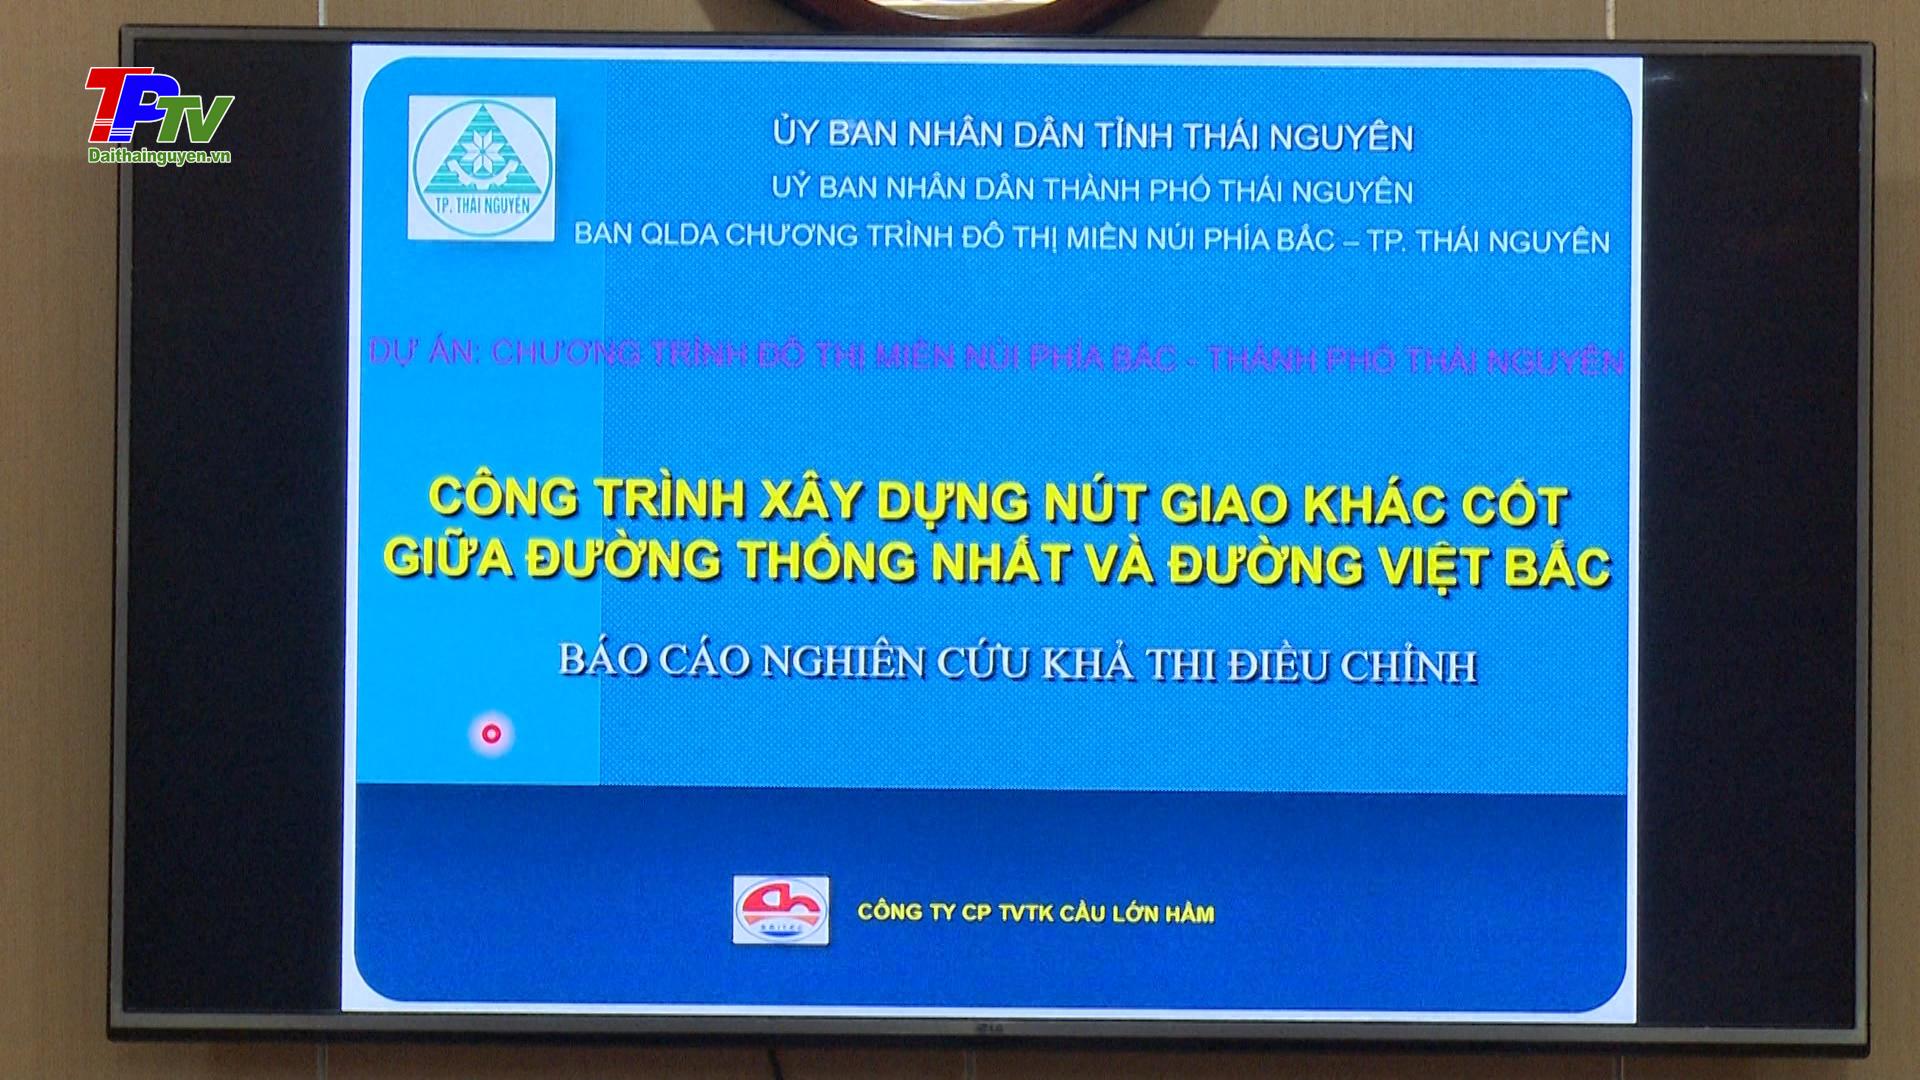 Tham gia ý kiến vào phương án thiết kế xây dựng nút giao khác cốt giữa đường Thống Nhất và đường Việt Bắc